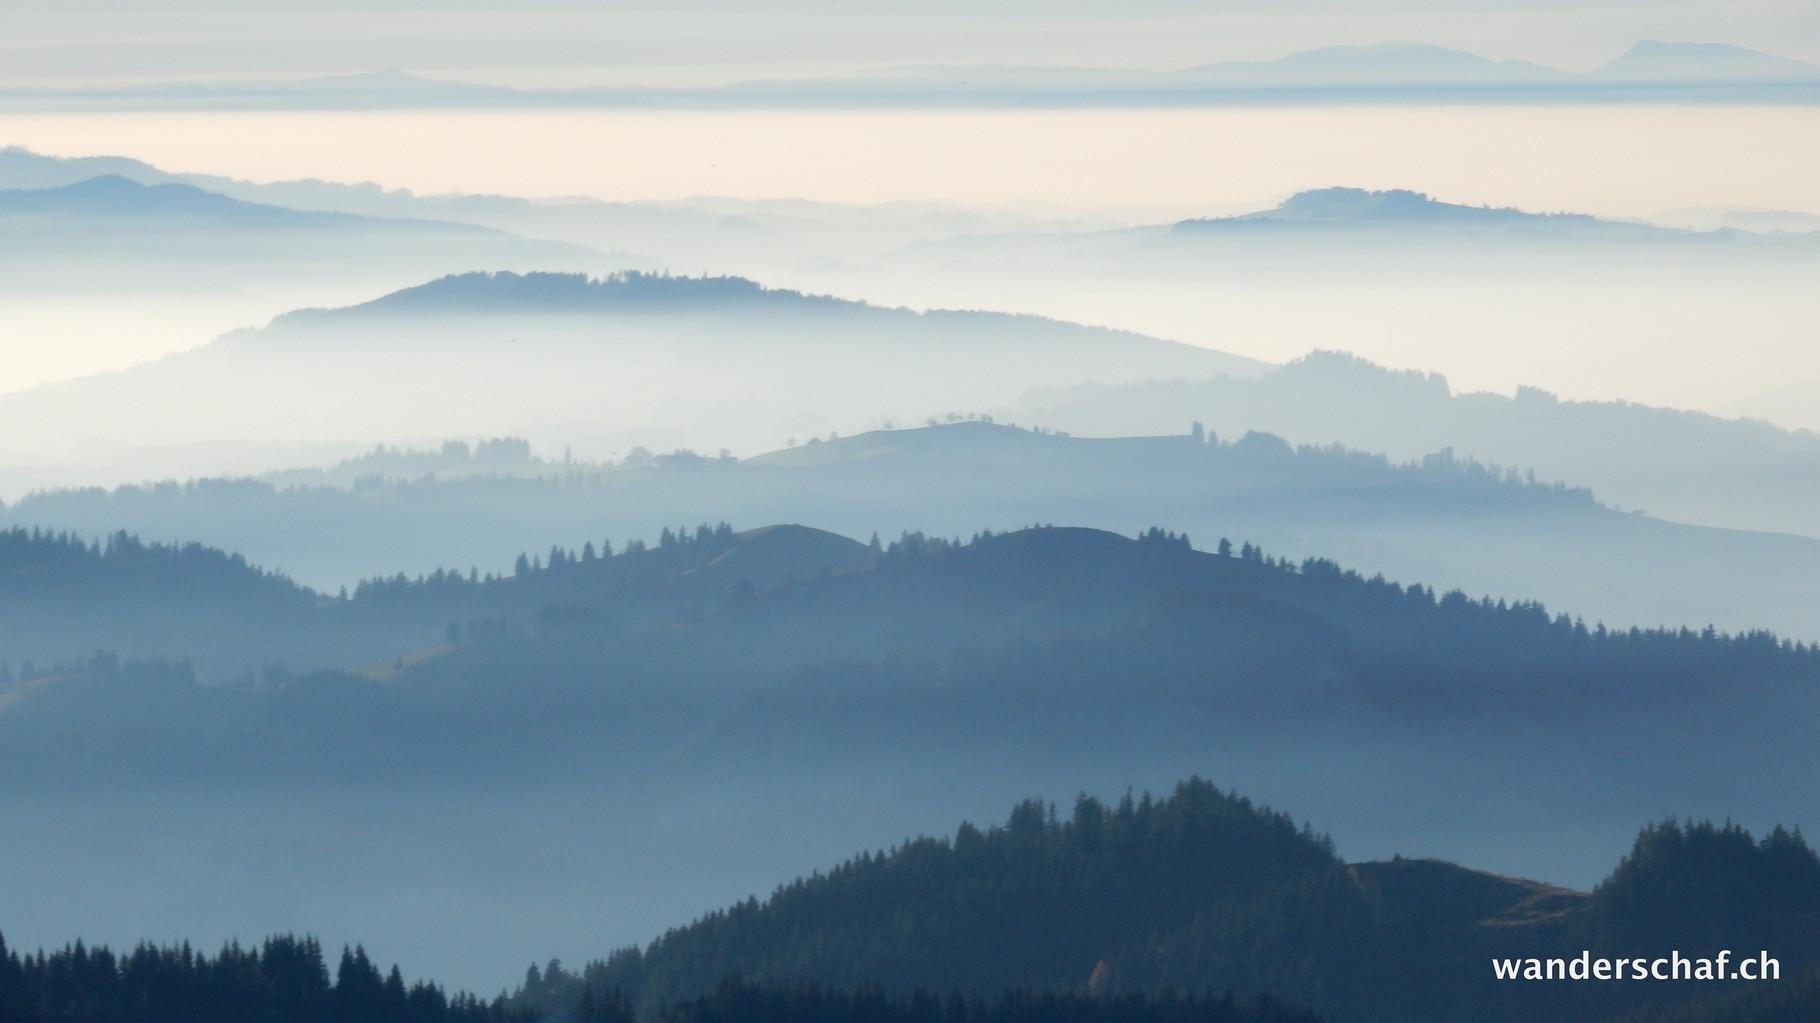 umherschleichender Nebel im Mittelland